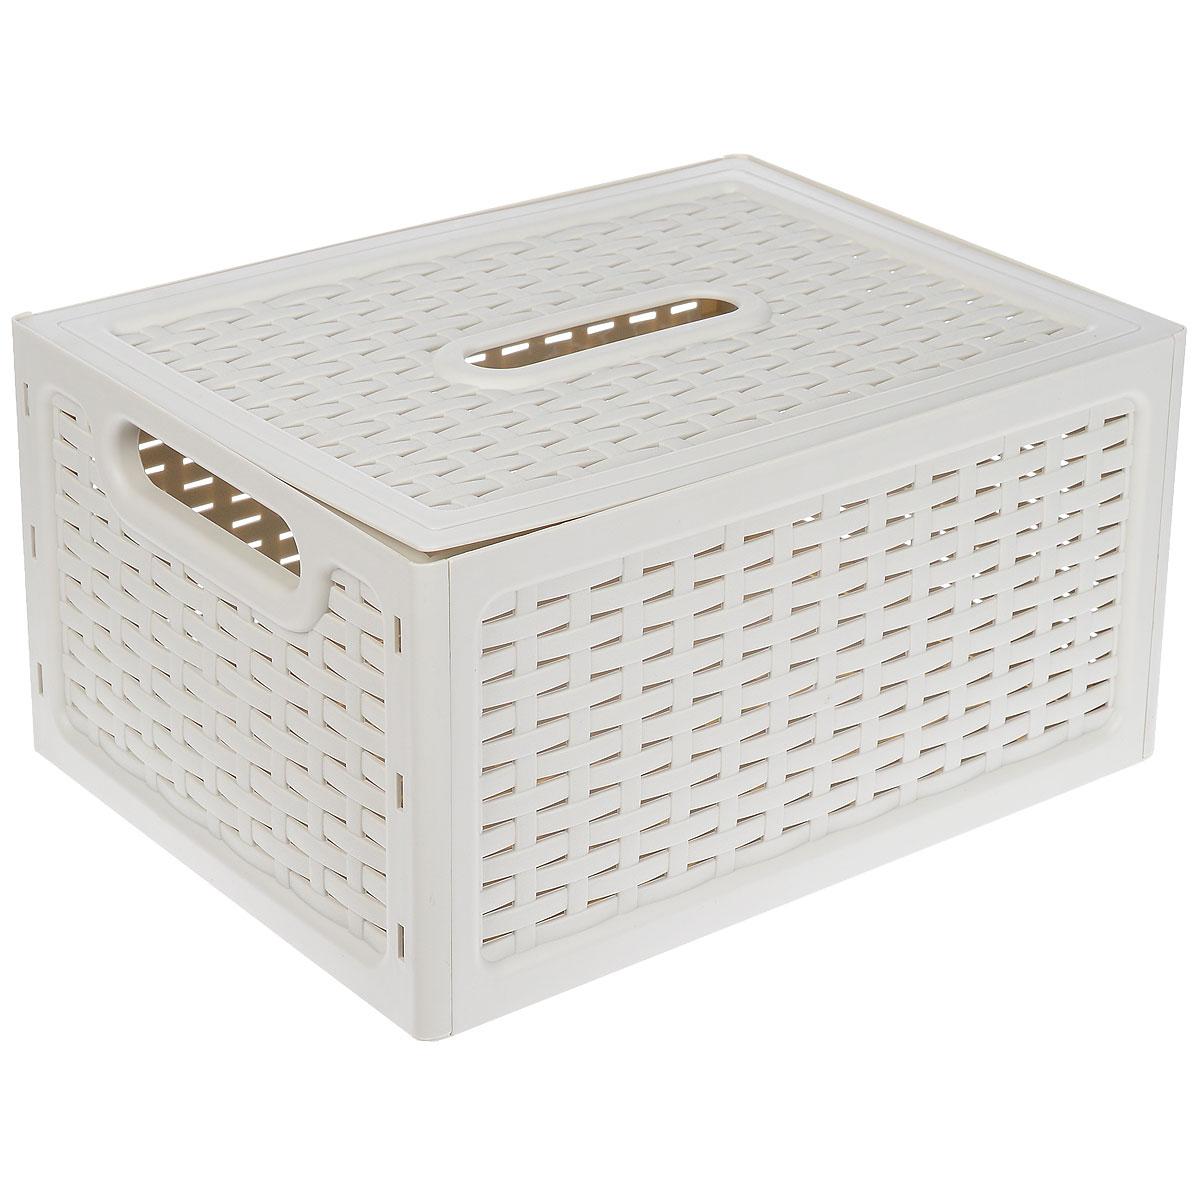 Ящик универсальный Idea Ротанг, с крышкой, цвет: белый, 37 х 28 х 19 смVT-1520(SR)Универсальный ящик Idea Ротанг выполнен из пищевого пластика и предназначен для хранения различных предметов и аксессуаров. Ящик оснащен крышкой и двумя ручками для удобной переноски. Элегантный выдержанный дизайн изделия позволяет органично вписаться в ваш интерьер и стать его элементом.